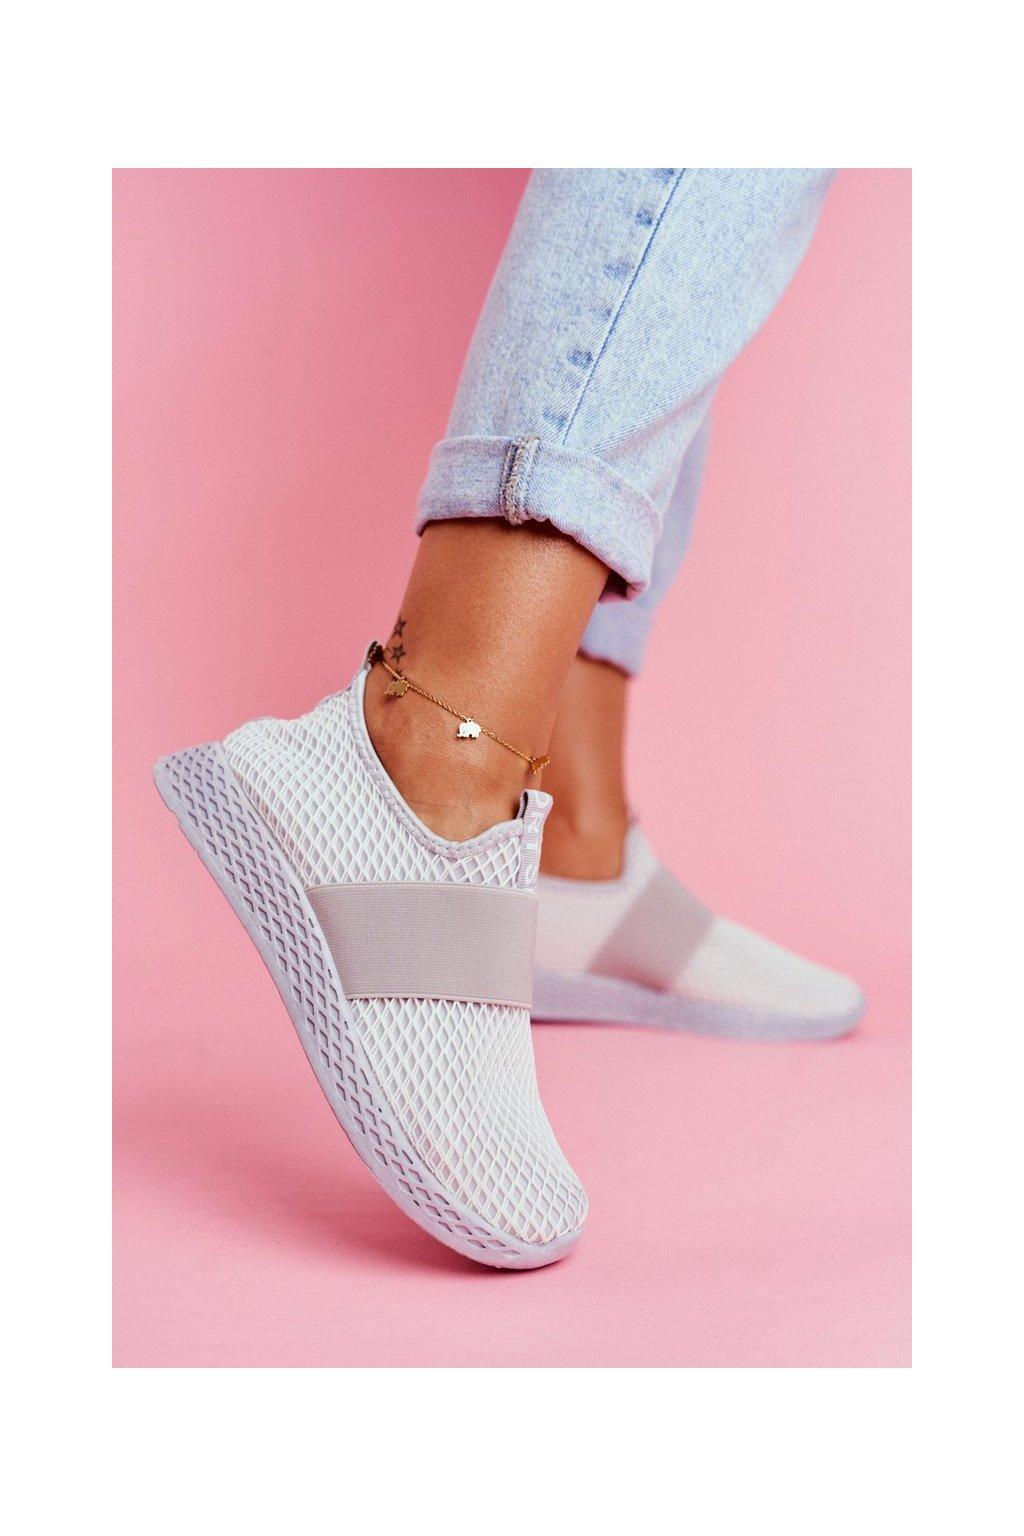 Dámska športová obuv Slip-on sivé La Fiesta